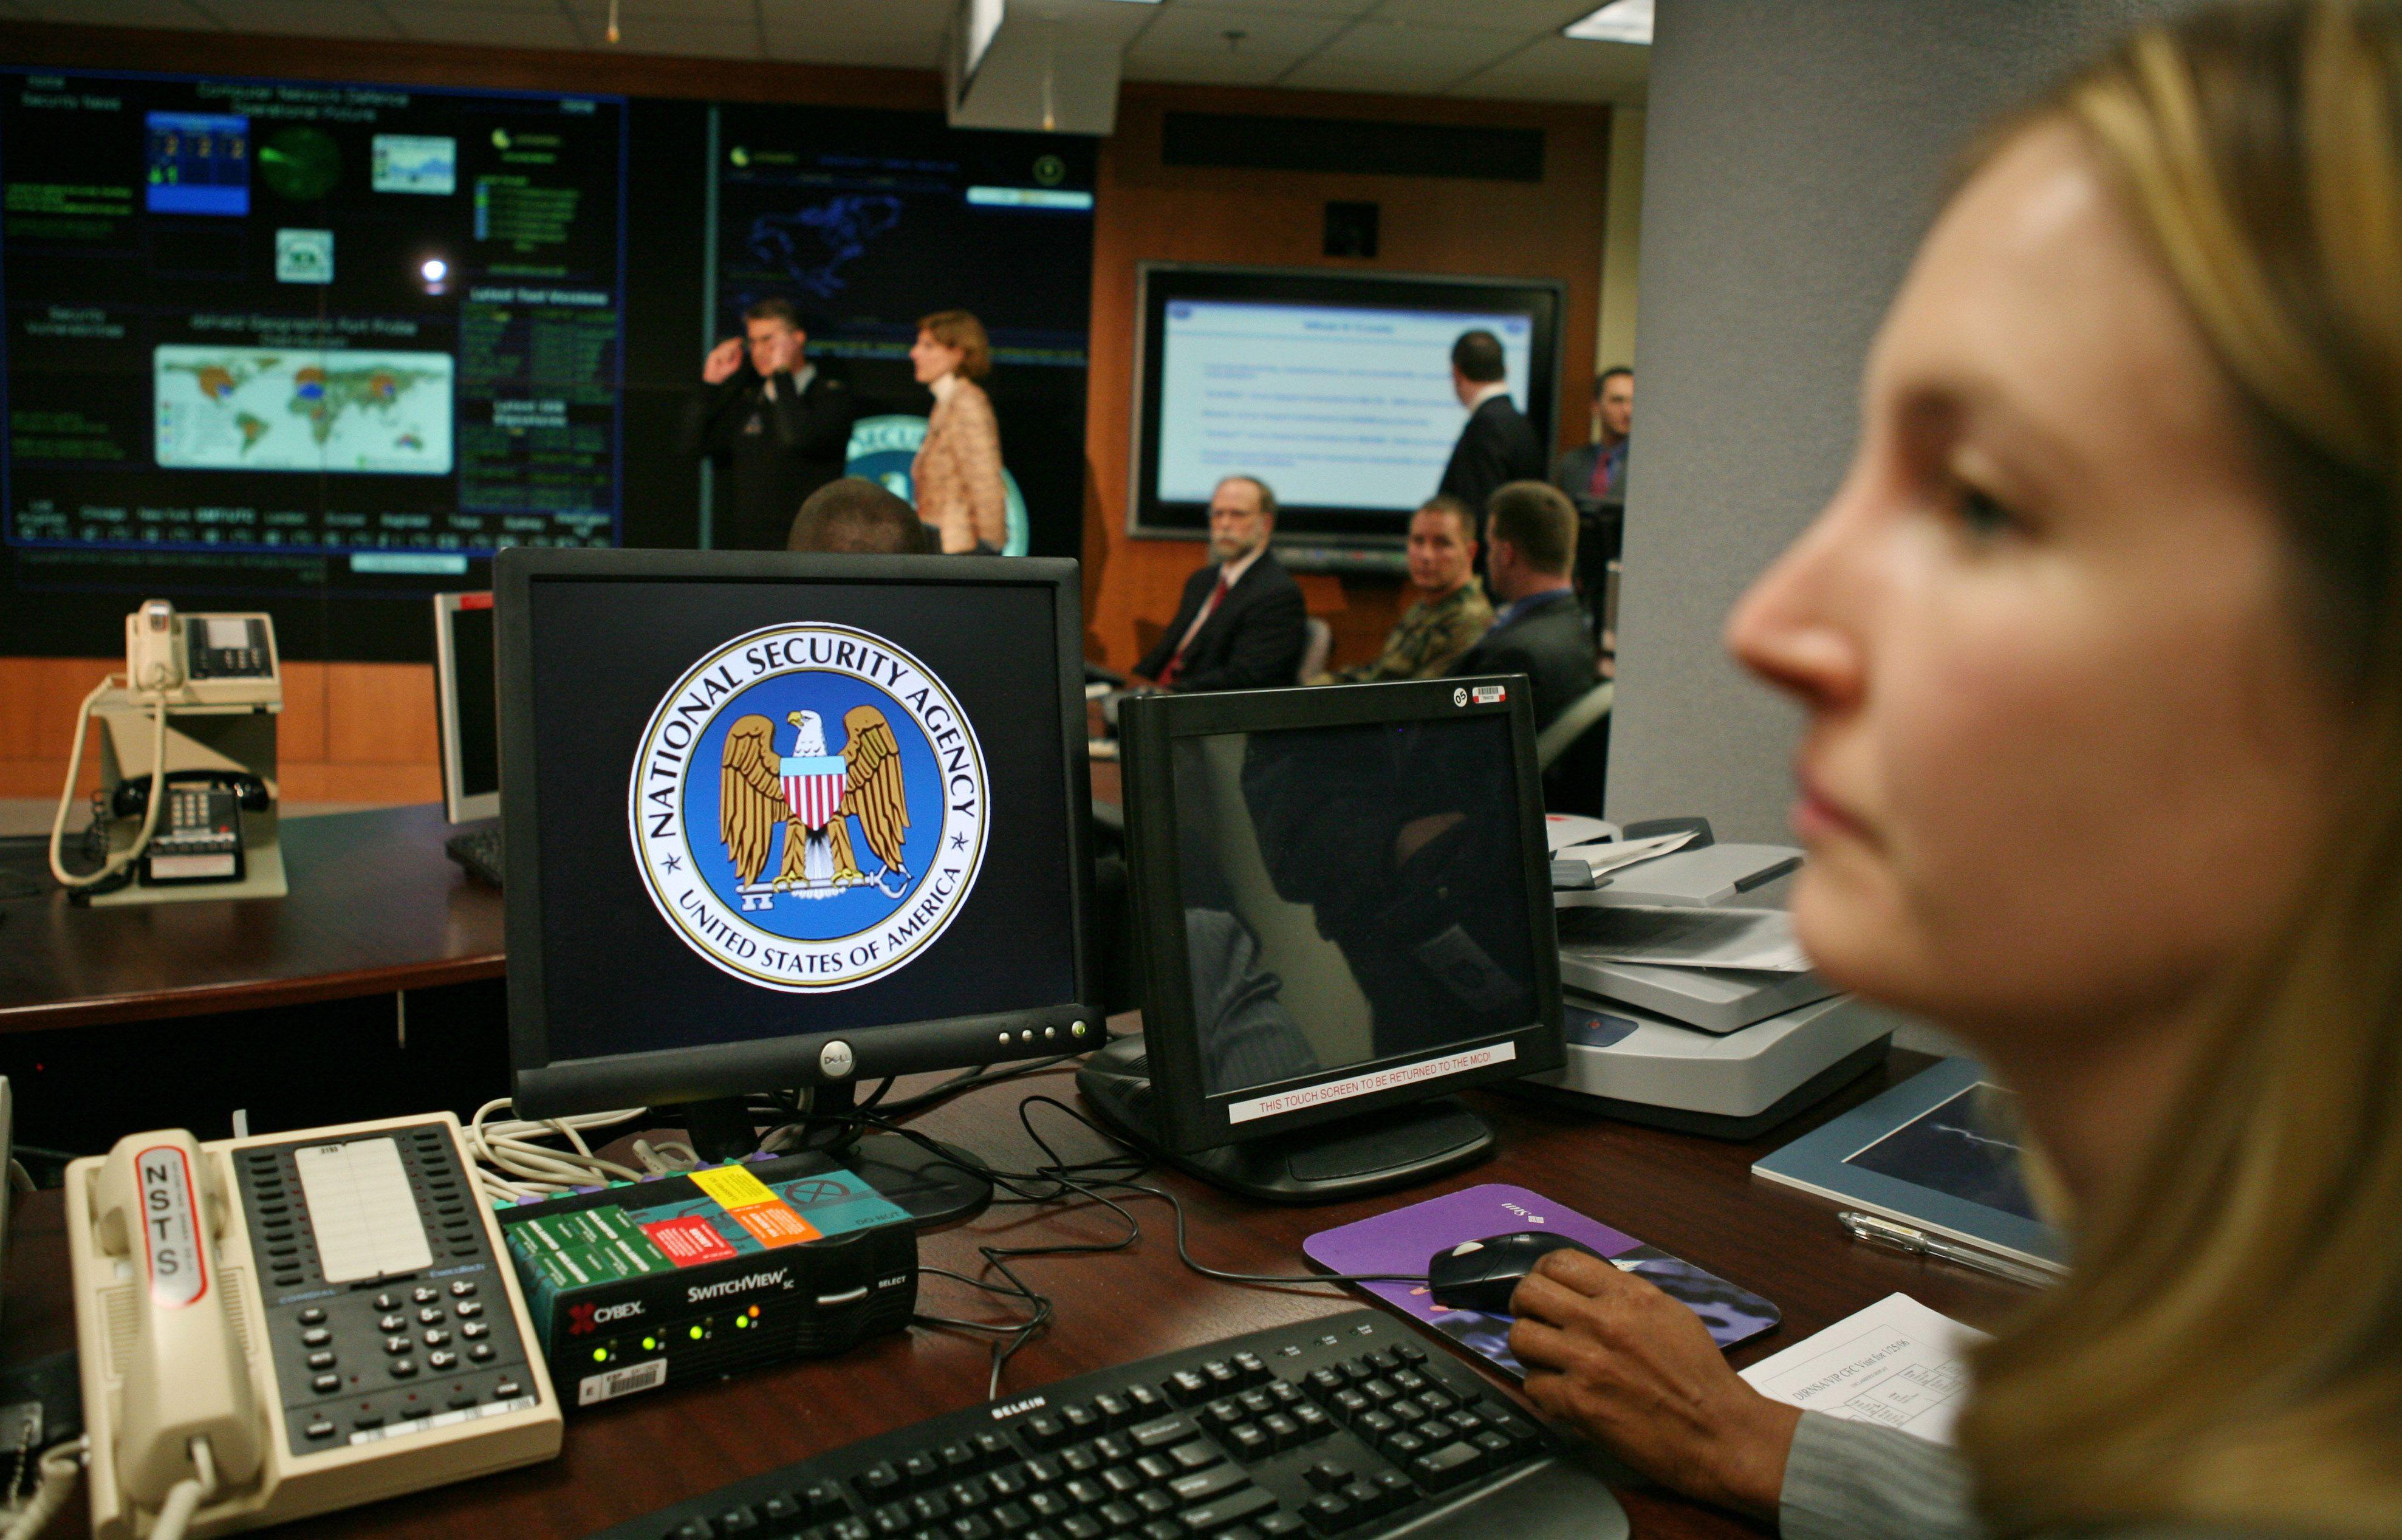 NSA : mais comment Edward Snowden a-t-il pu faire éclater ce scandale d'espionnage ?